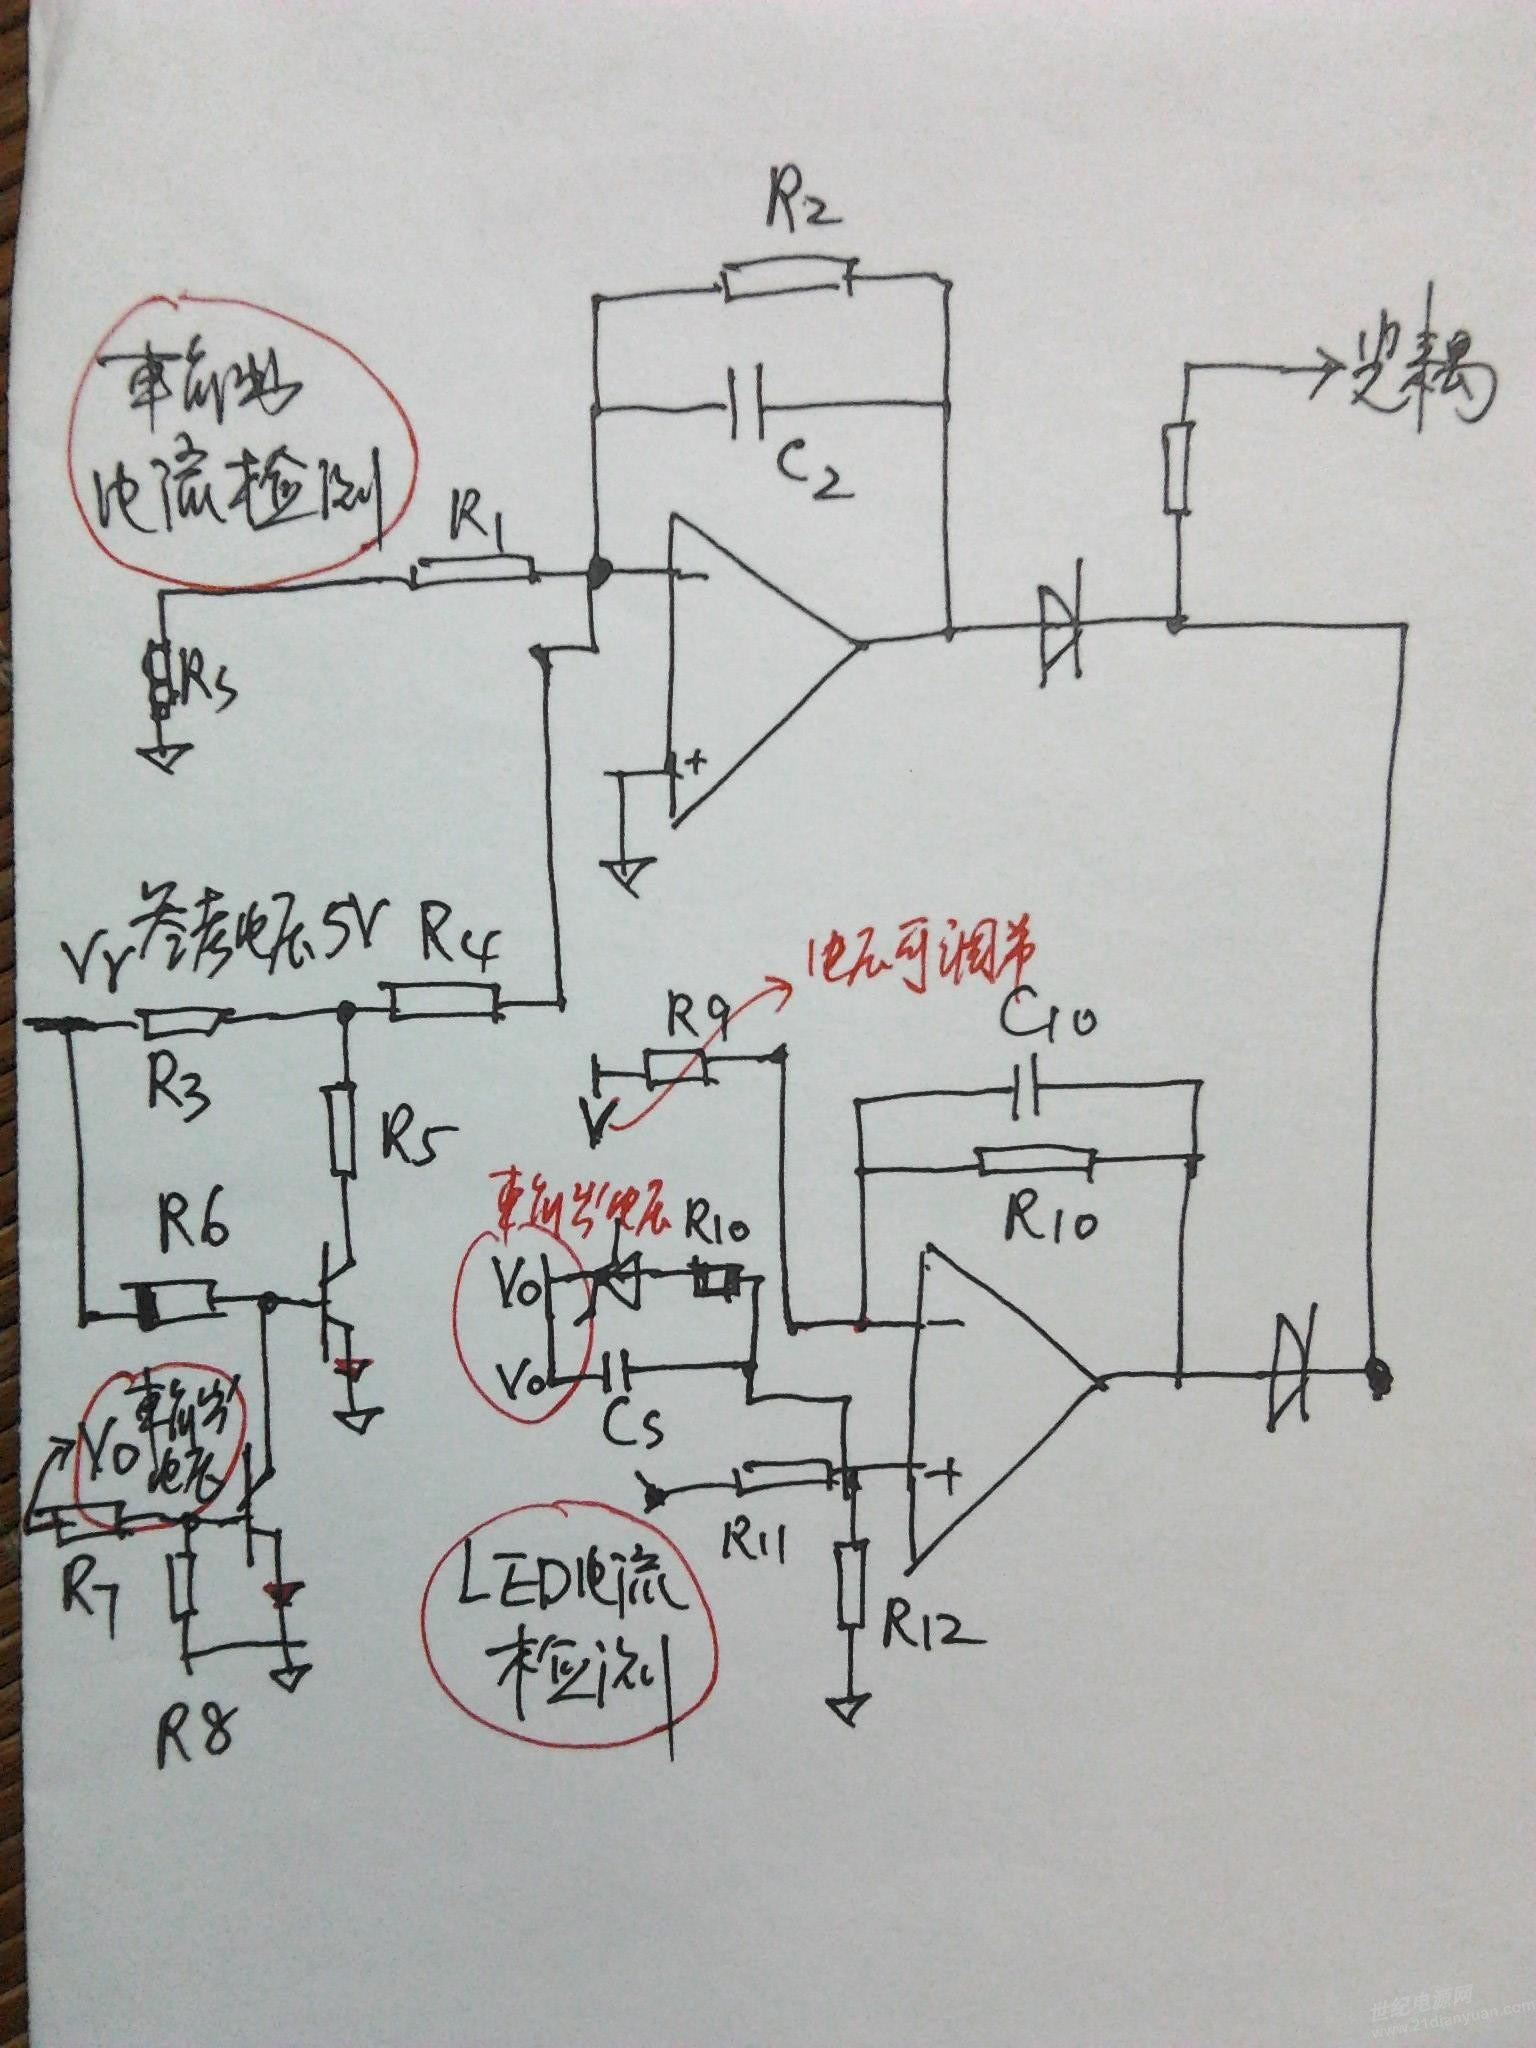 第二点为什么要采样两路电路,一路是llc输出电流,一路采样led二极管